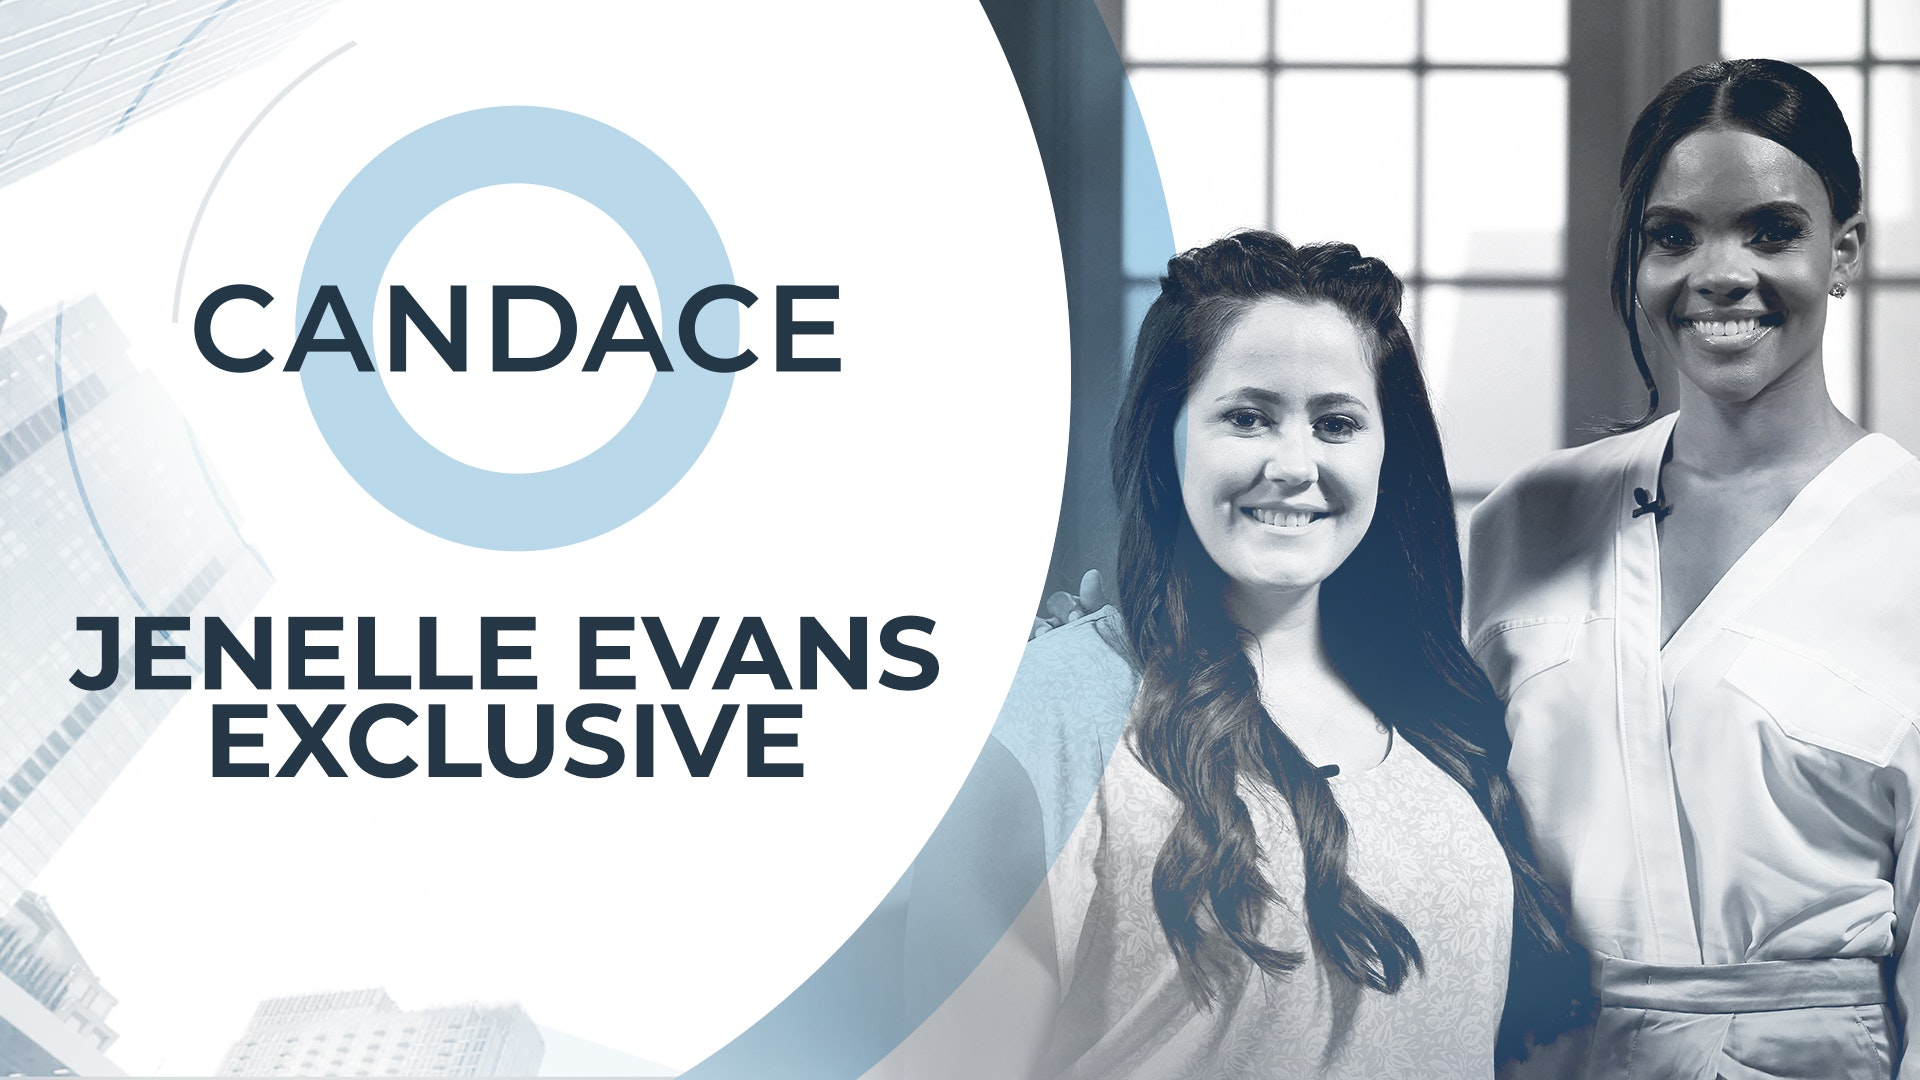 Episode 11 - Jenelle Evans Exclusive